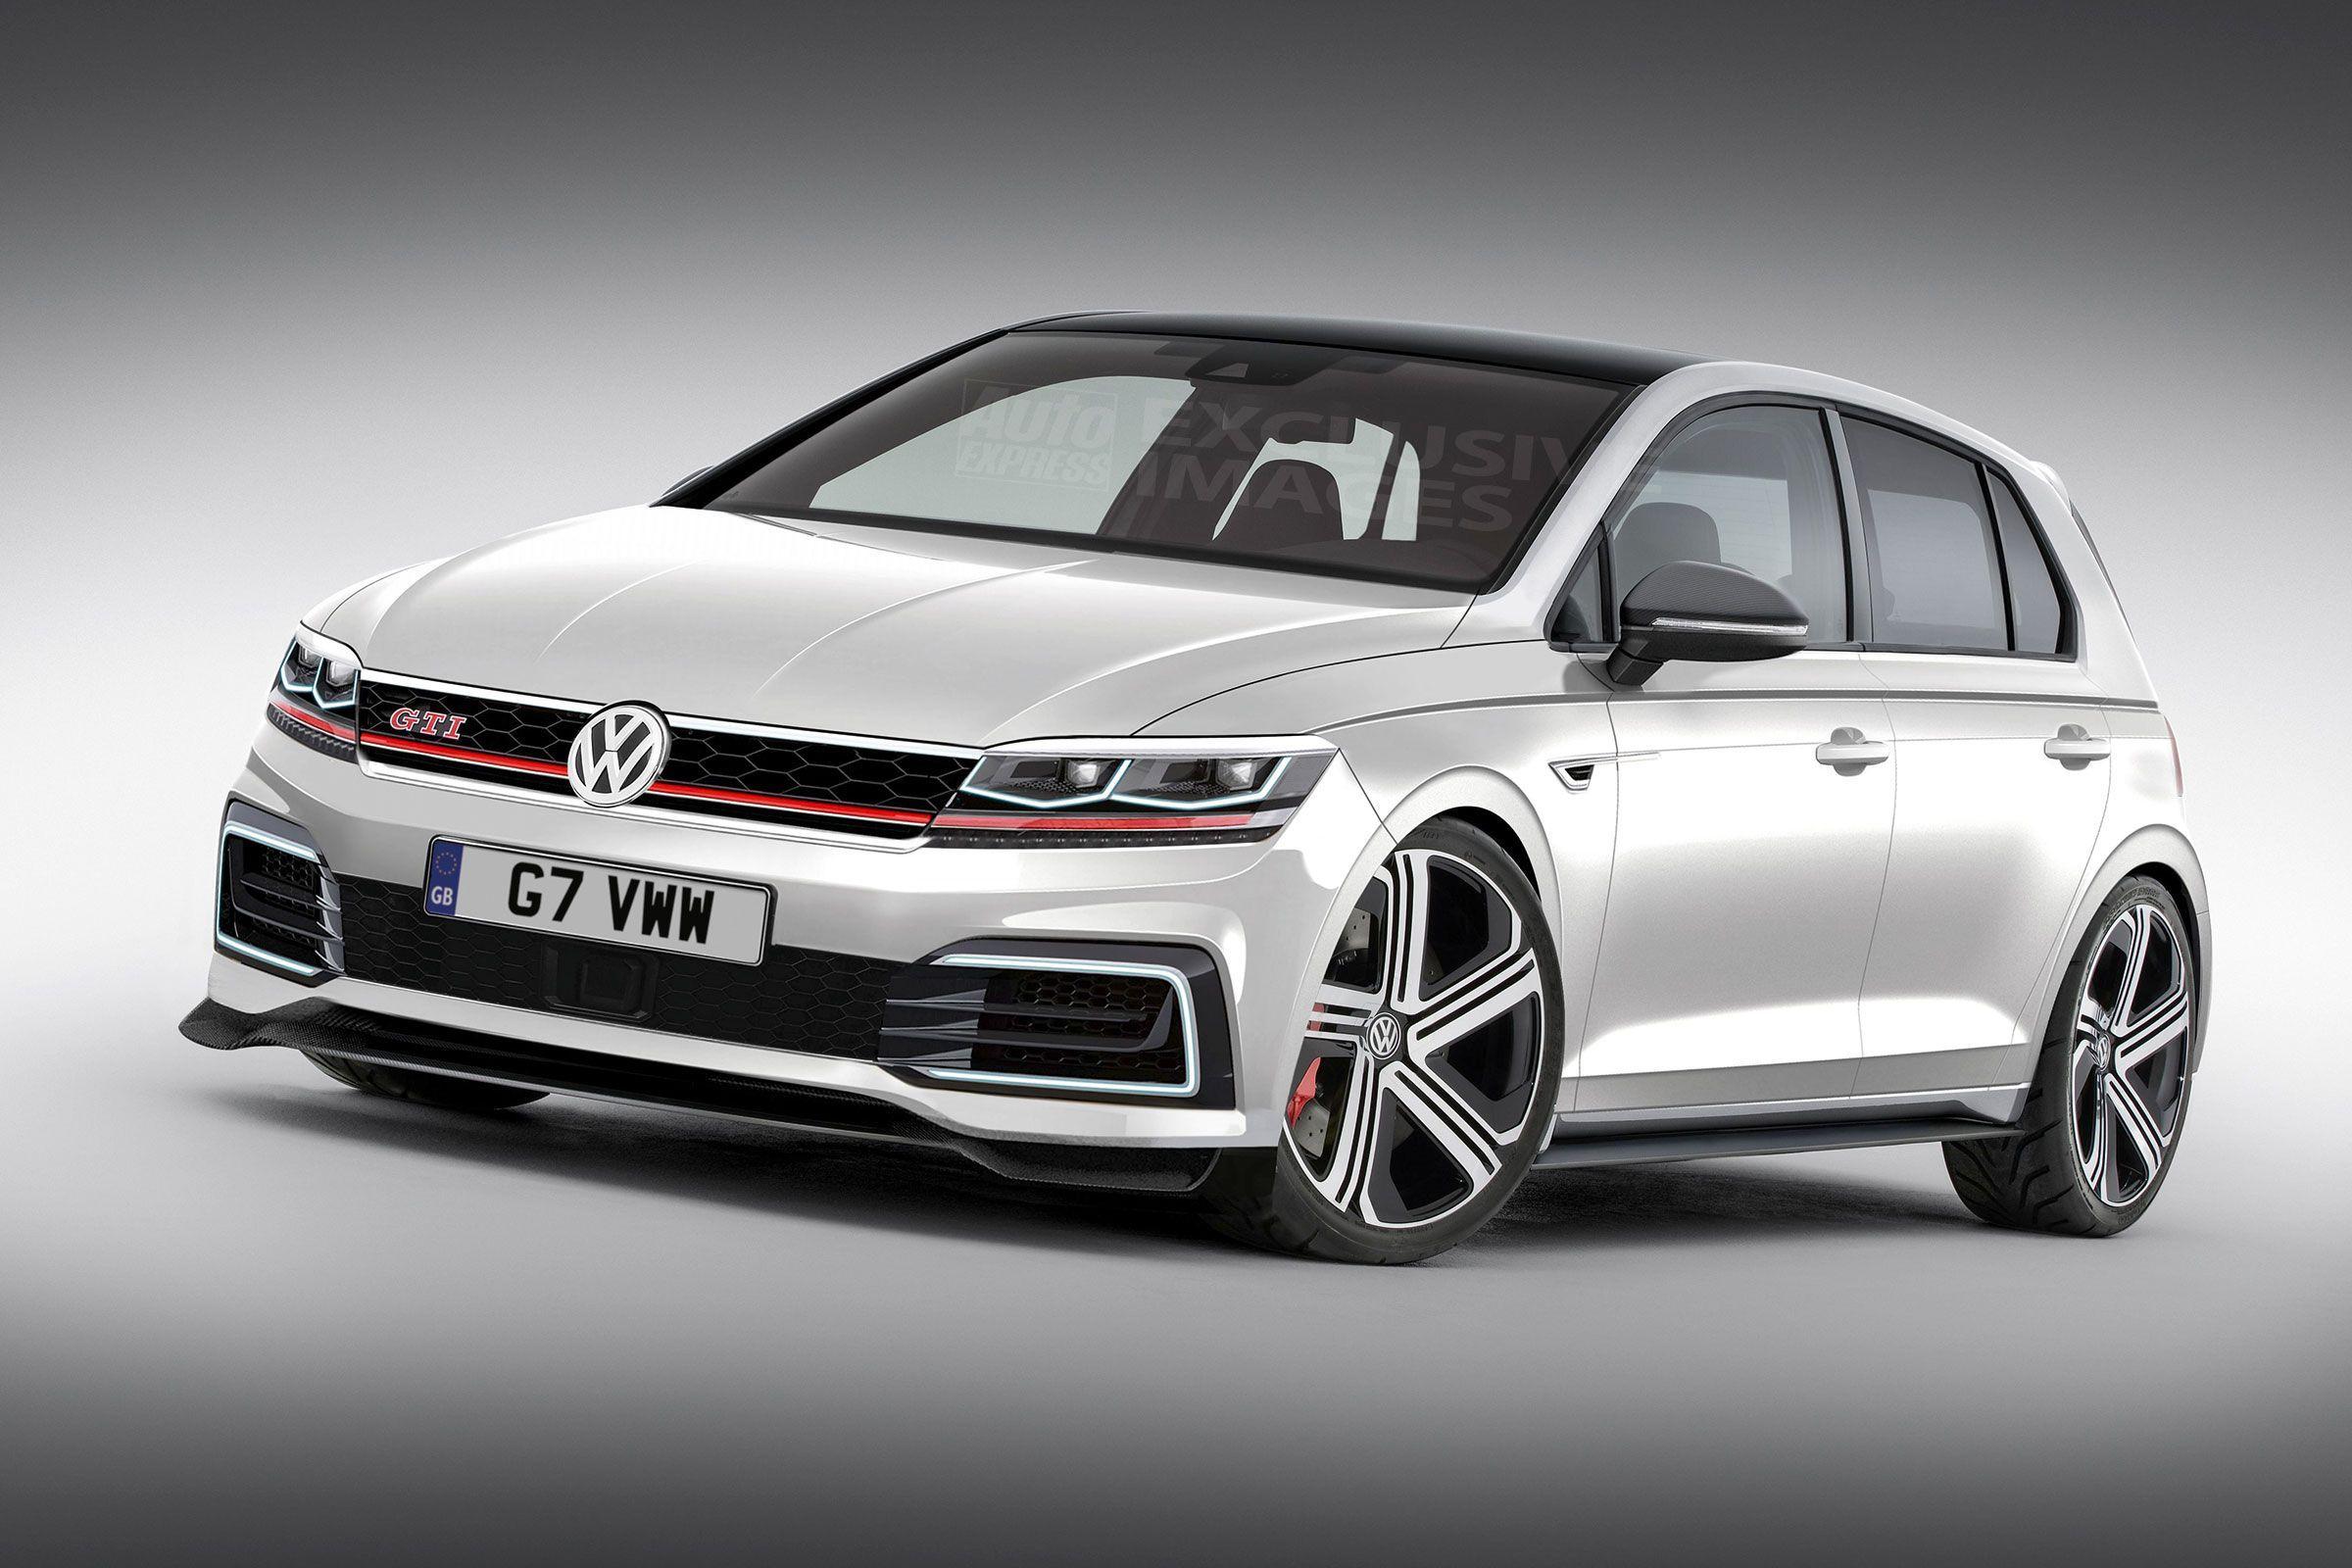 Volkswagen Gti 2019 Release Date Exterior And Interior The Volkswagen Gti 2019 Release Date Rumors Volkswagen Golf R Volkswagen Golf Gti Volkswagen Gti